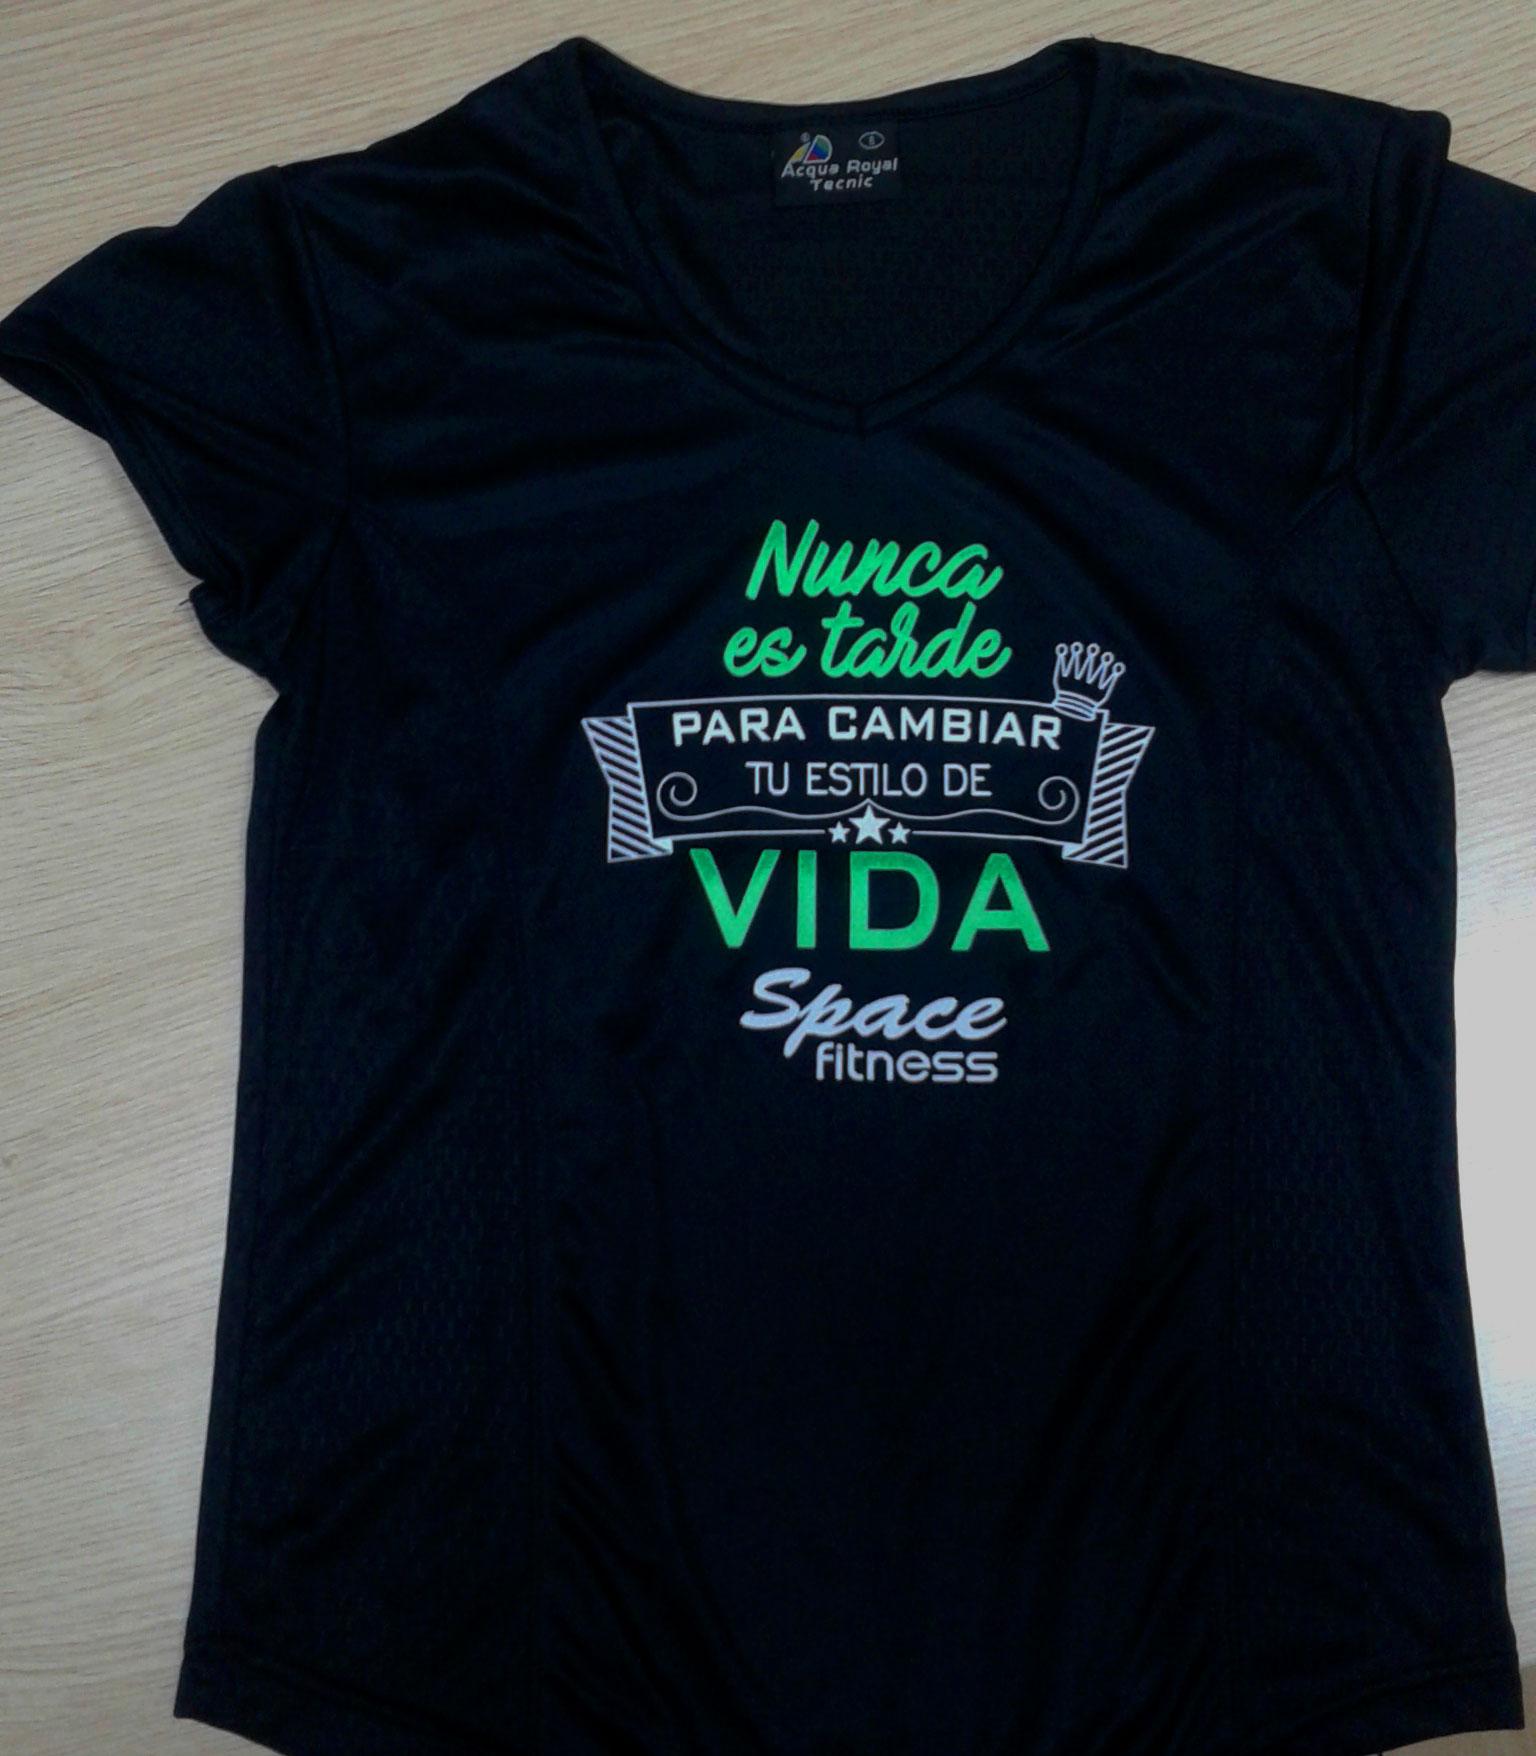 Camisetas Técnicas Space Fitness Lorca - Blog de camisetas ... 72880754d73c0